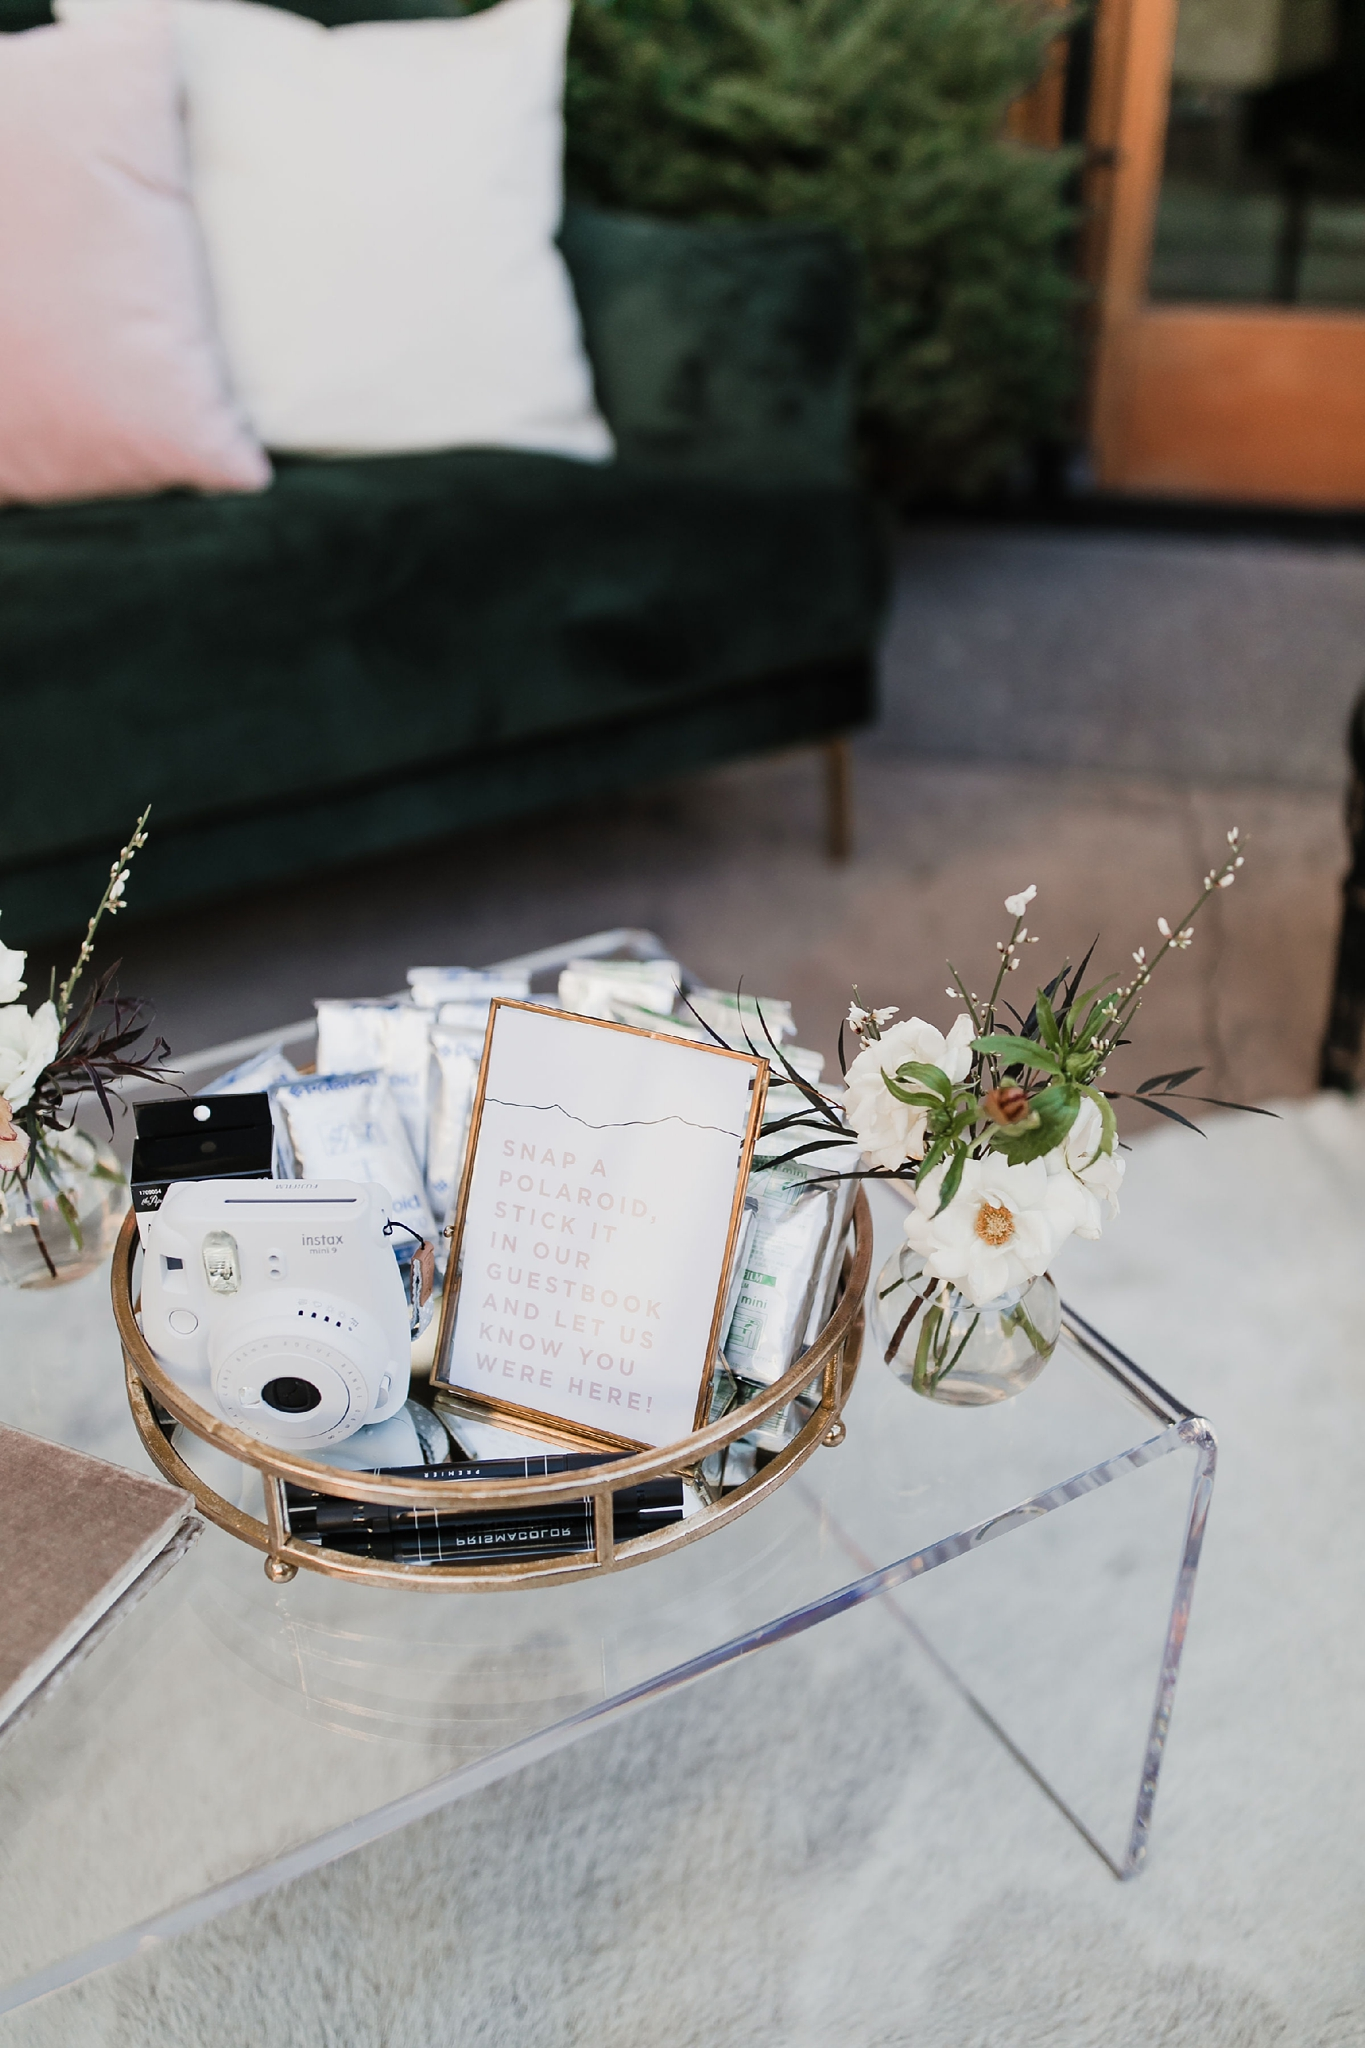 Alicia+lucia+photography+-+albuquerque+wedding+photographer+-+santa+fe+wedding+photography+-+new+mexico+wedding+photographer+-+new+mexico+wedding+-+new+mexico+wedding+-+wedding+planner+-+wedding+rentals+-+new+mexico+wedding+vendor_0017.jpg